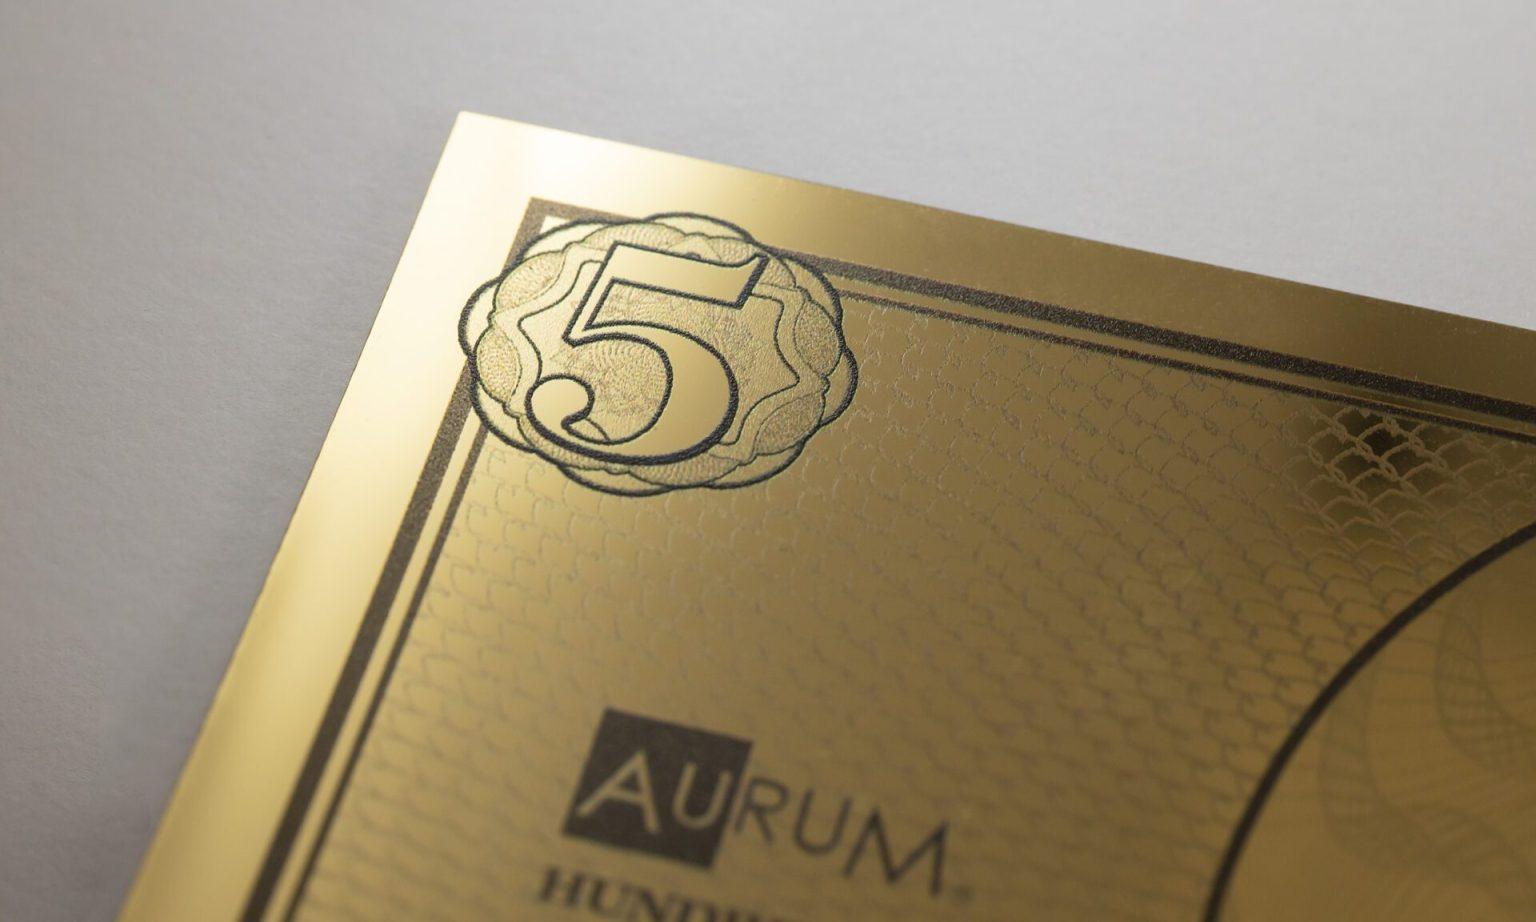 Cook Island Aurum - Valaurum, Inc.